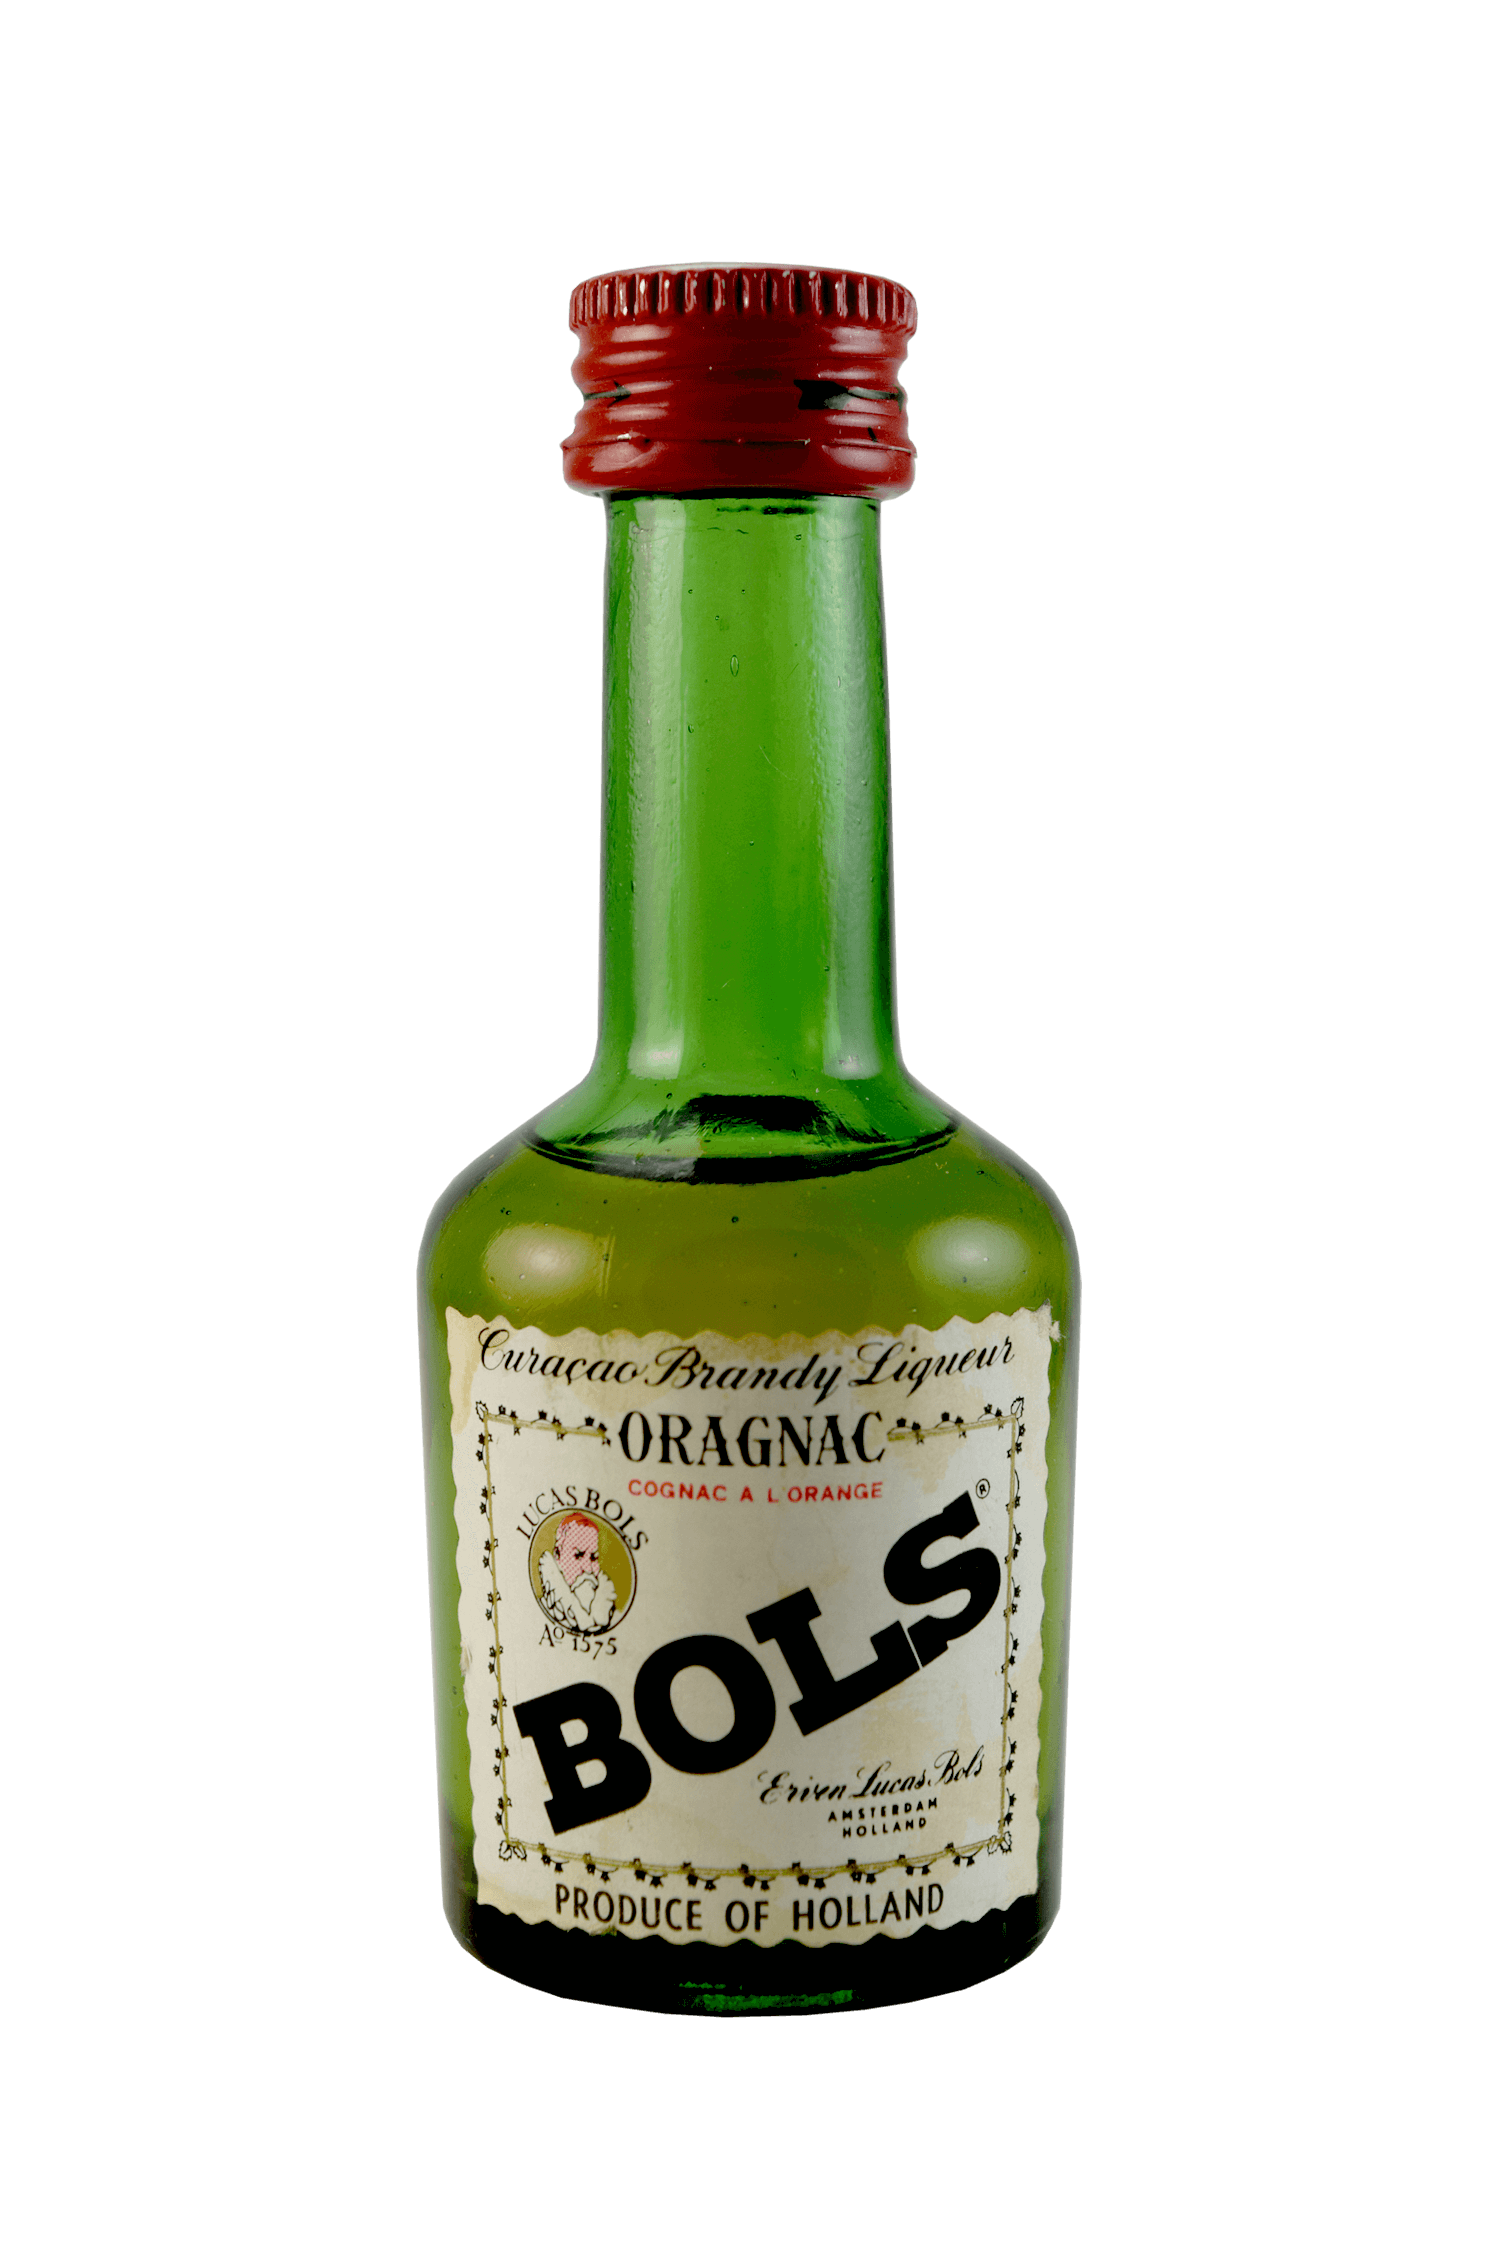 Bols Oragnac Liqueur